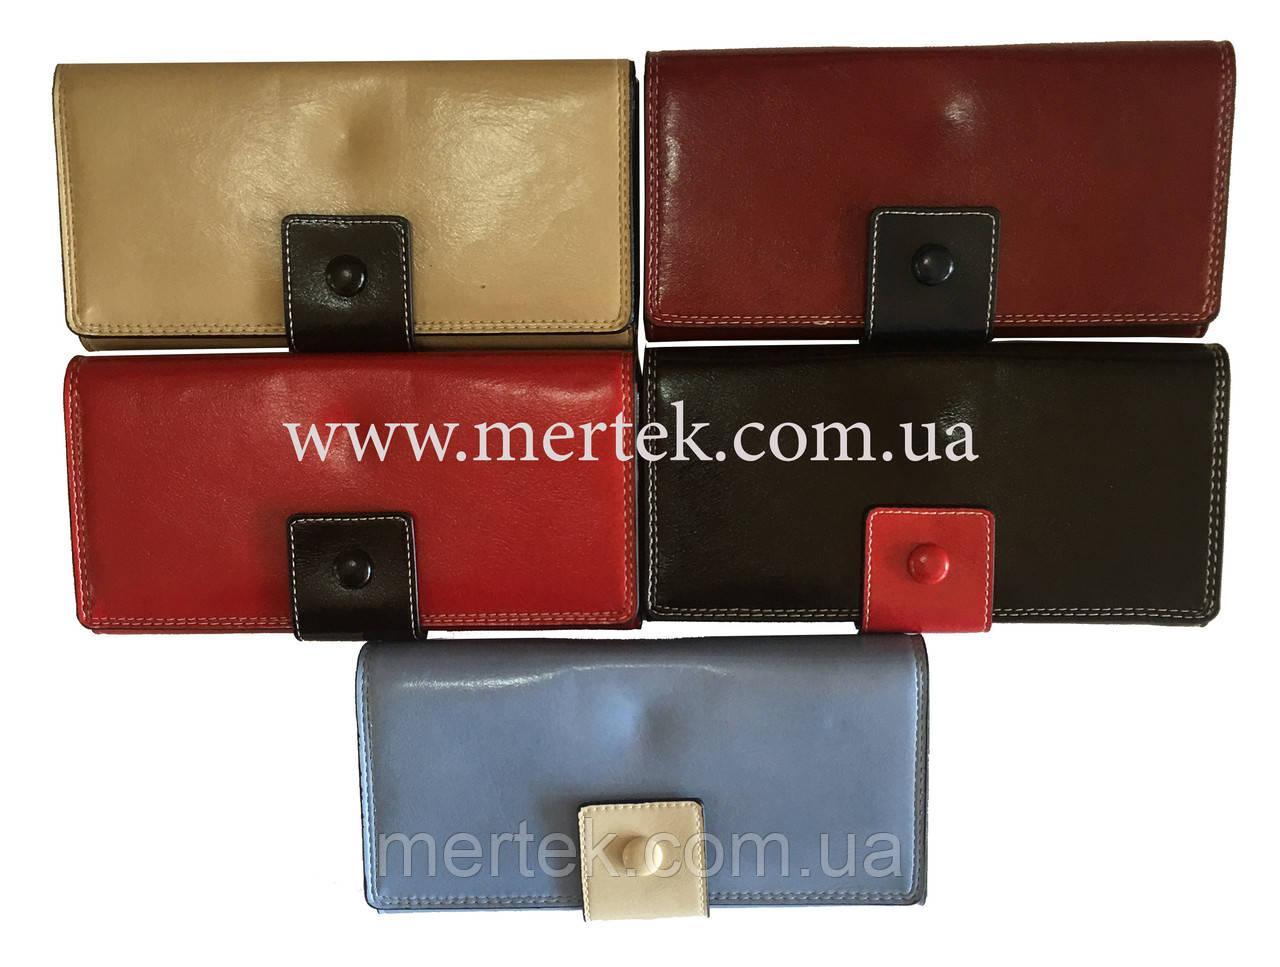 f189f5d86b40 Оптом мягкий женский кошелек-клатч - MERTEK Оптовый Интернет Магазин  Кожгалантерея в Одессе